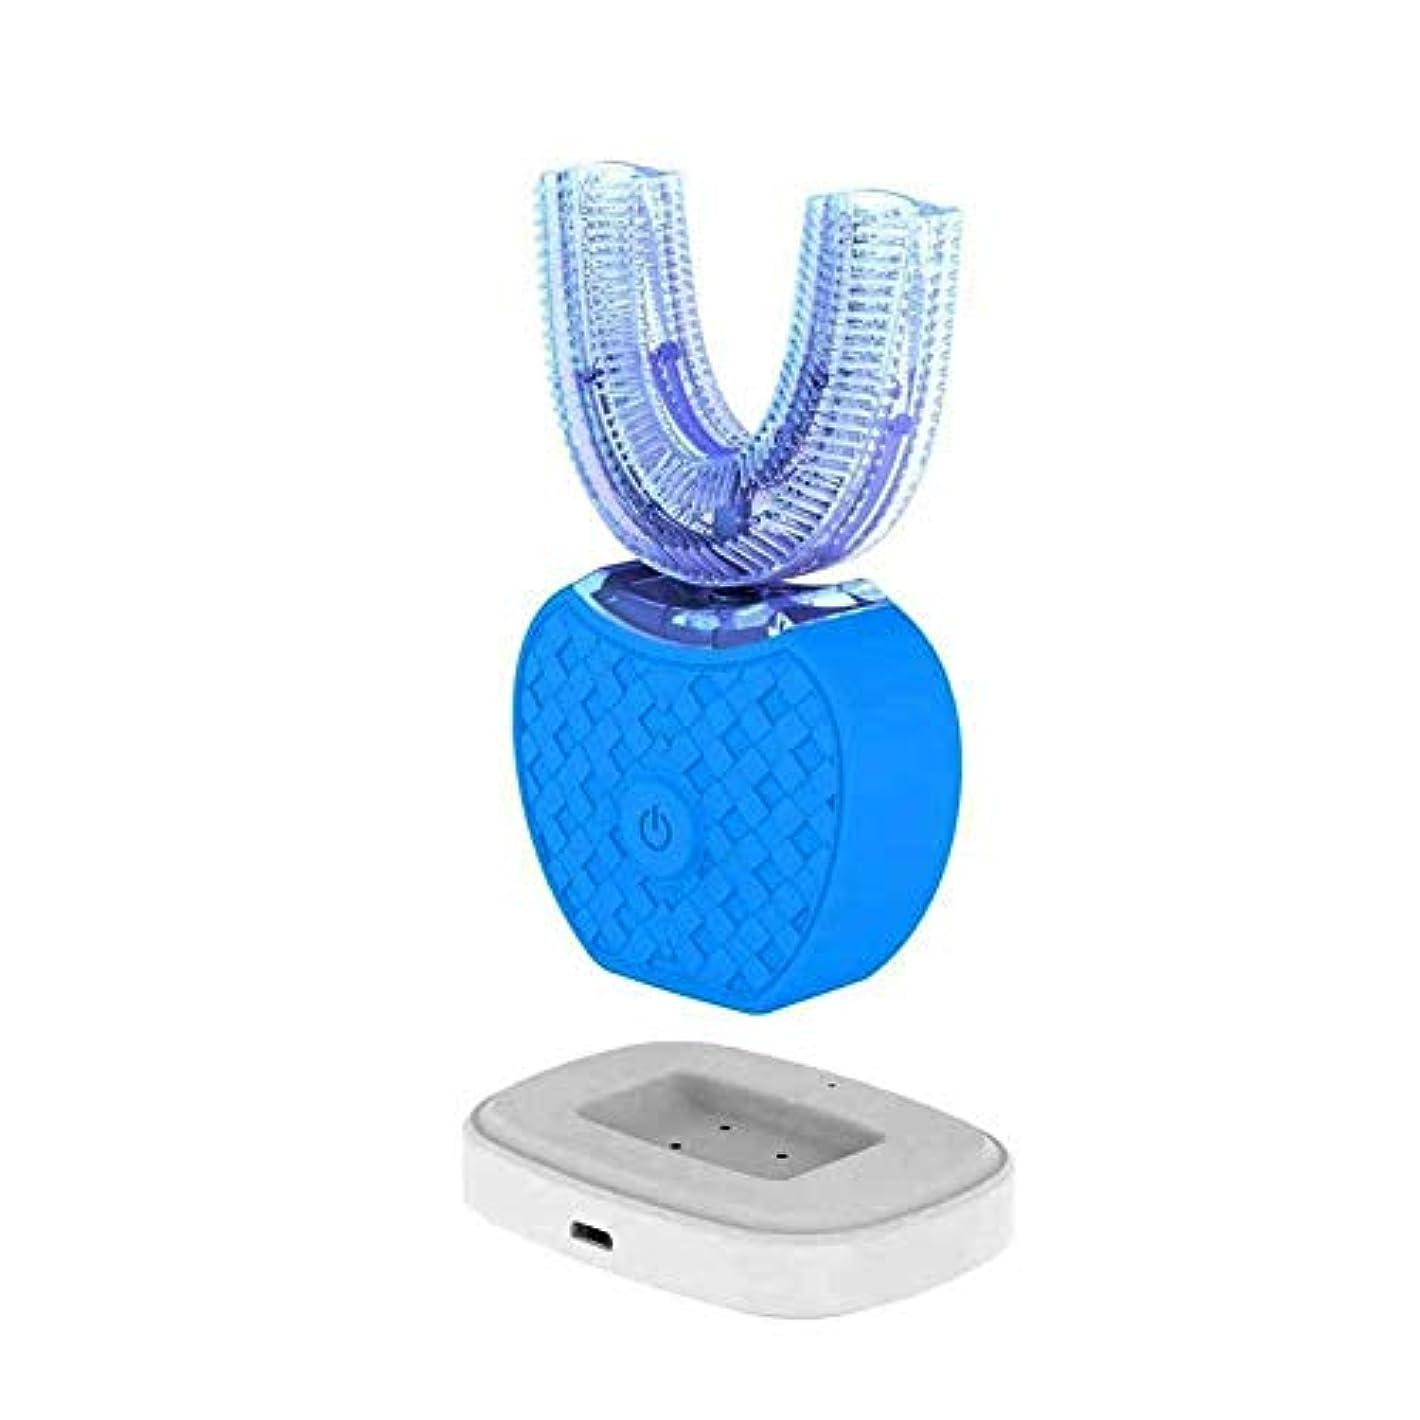 エンターテインメント交換可能すき新しい電動歯ブラシ、V-white超音波歯ブラシは全自動で360°全方位で洗浄して、歯をきれいにして、歯茎をマッサージして、美白します。 (ブルー) [並行輸入品]